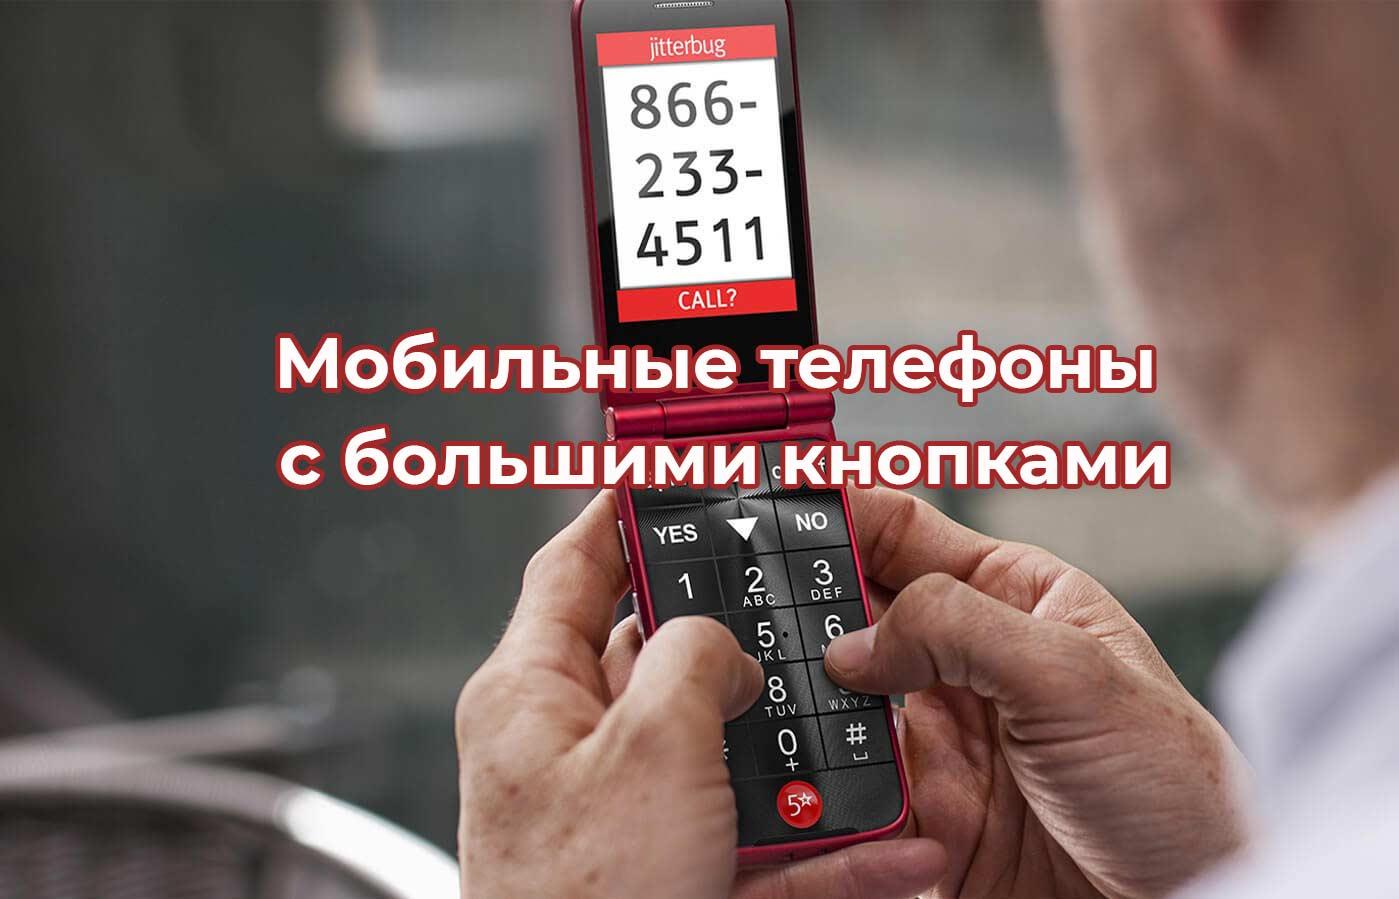 Мобильные телефоны с большими кнопками